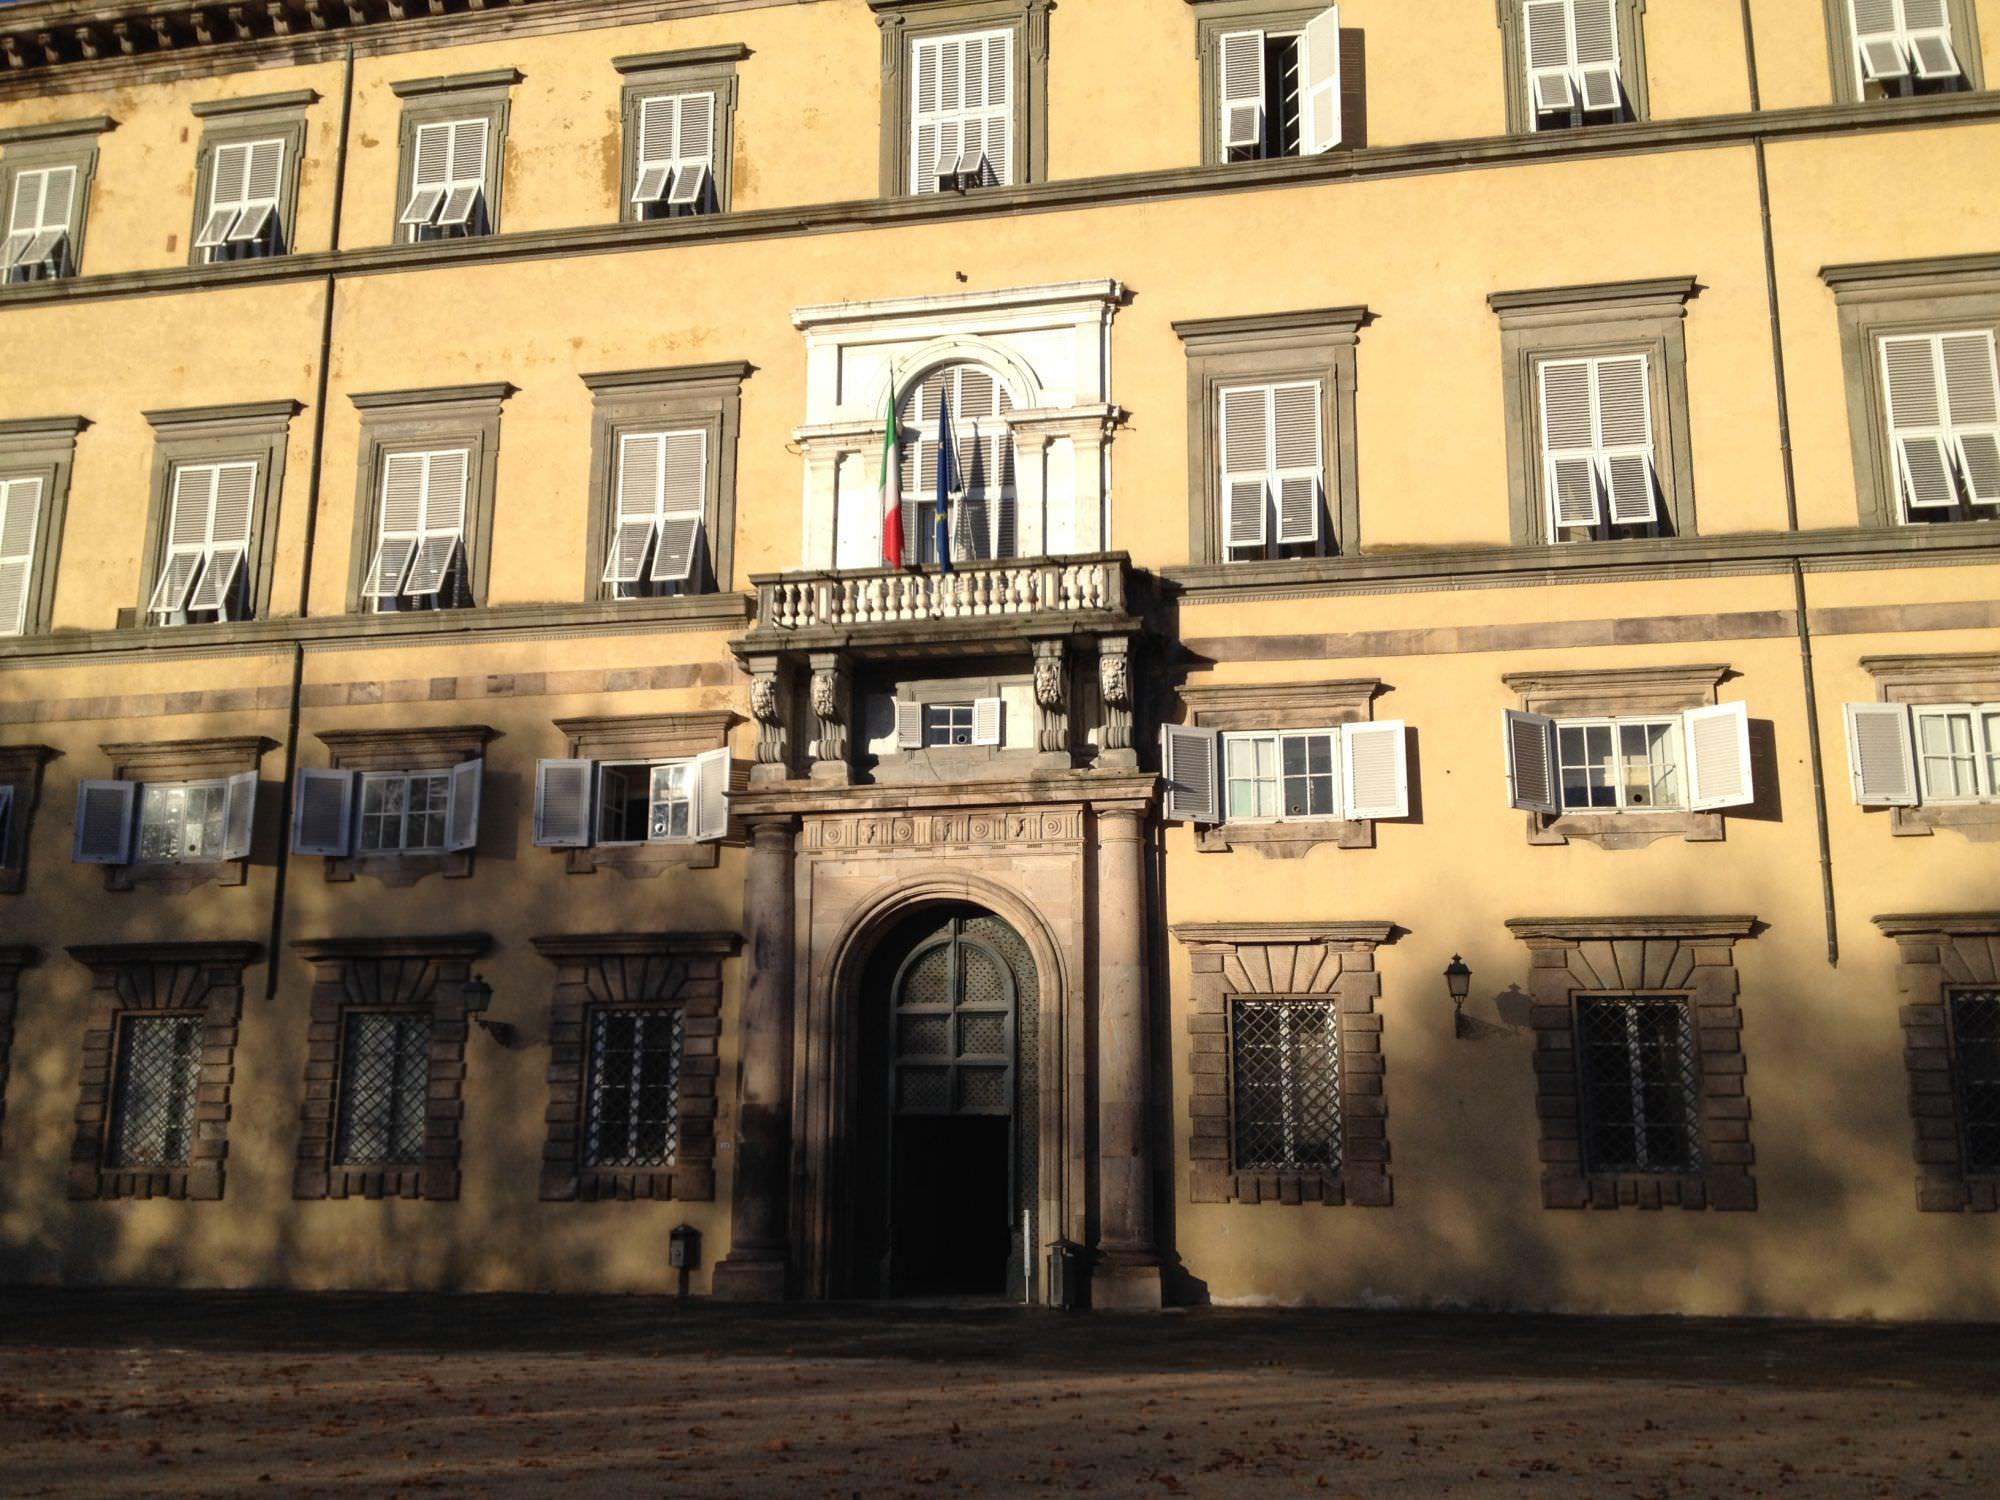 La Provincia di Lucca dota 65 studenti del territorio di pc e tablet